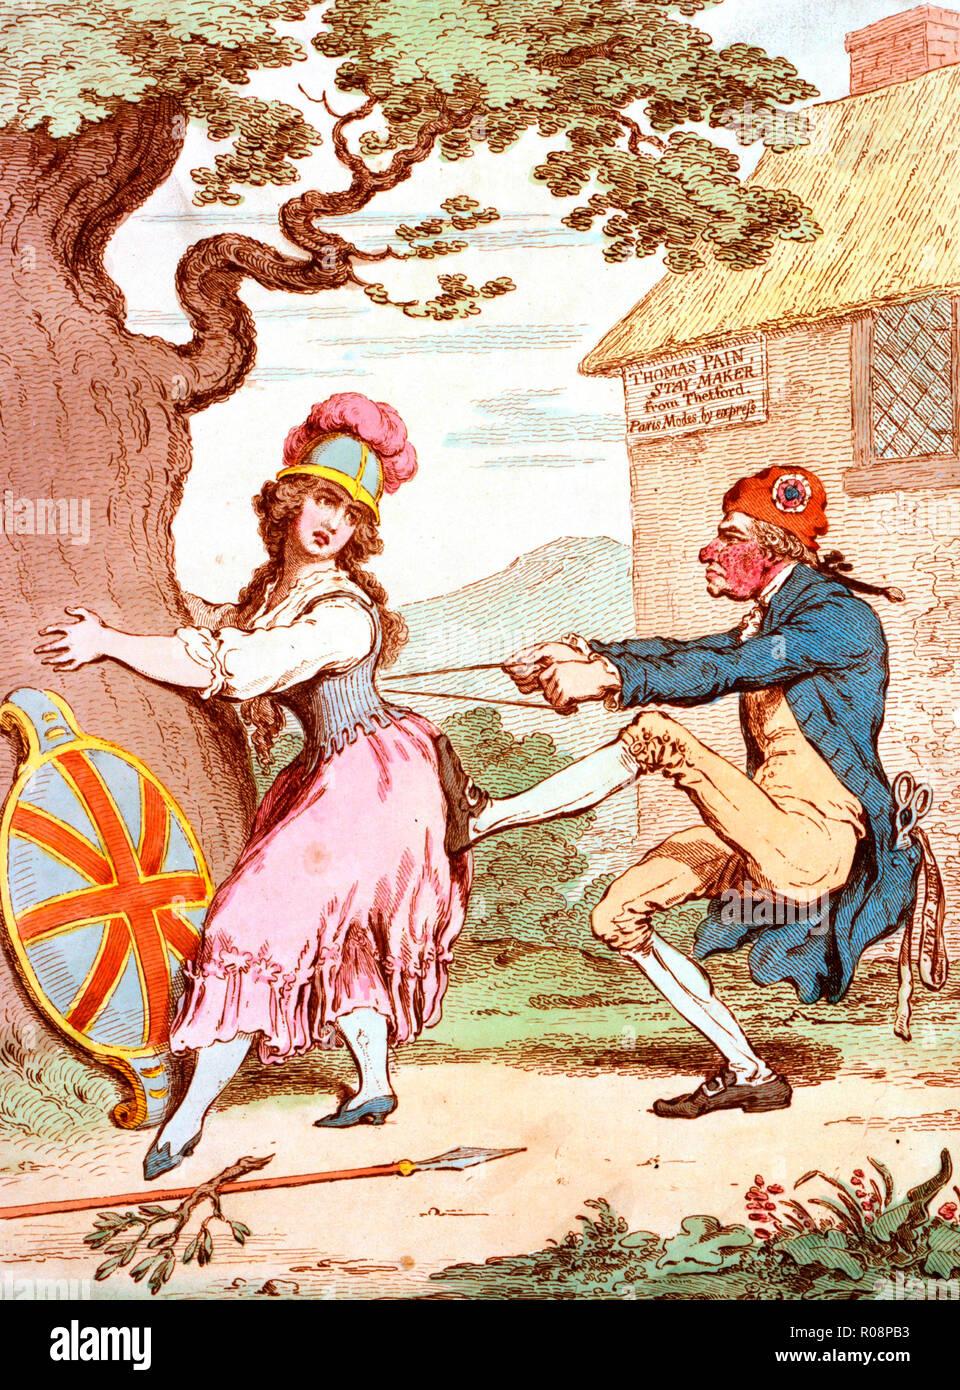 Avant la mode facilité - ou, - une bonne constitution sacrifiés pour une forme Fantastick - Caricature montrant Britannia amplexicaule tronc d'un grand chêne, tandis que Thomas Paine remorqueurs à deux mains à son séjour lacets, son pied sur son postérieur. De sa poche de manteau dépasse d'une paire de ciseaux et d'un ruban inscrit: Droits de l'homme. Derrière lui, c'est une chaumière inscrit: Thomas Paine, Staymaker de Thetford. Paris Modes, par express. Caricature politique, 1793 Photo Stock